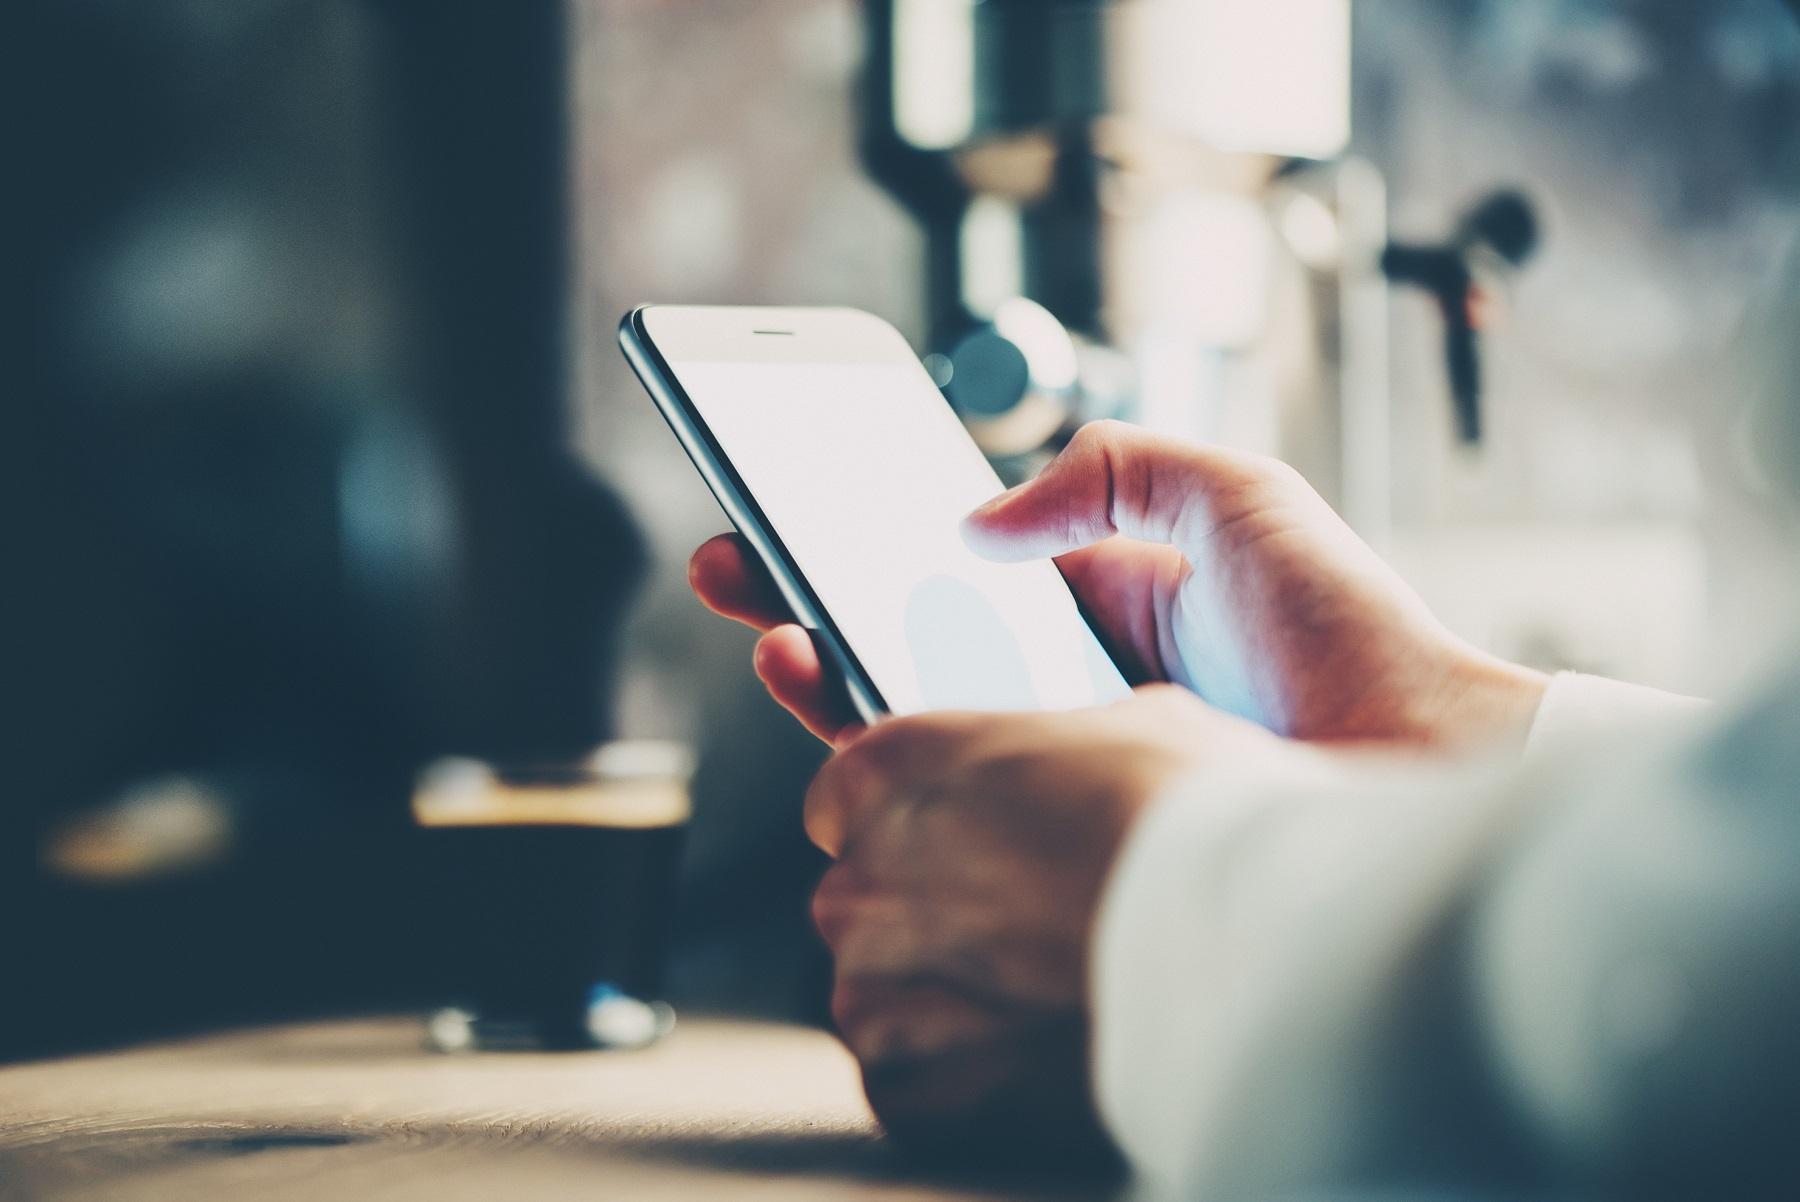 Smartfon przyszłości? Premiera Samsung Galaxy S9